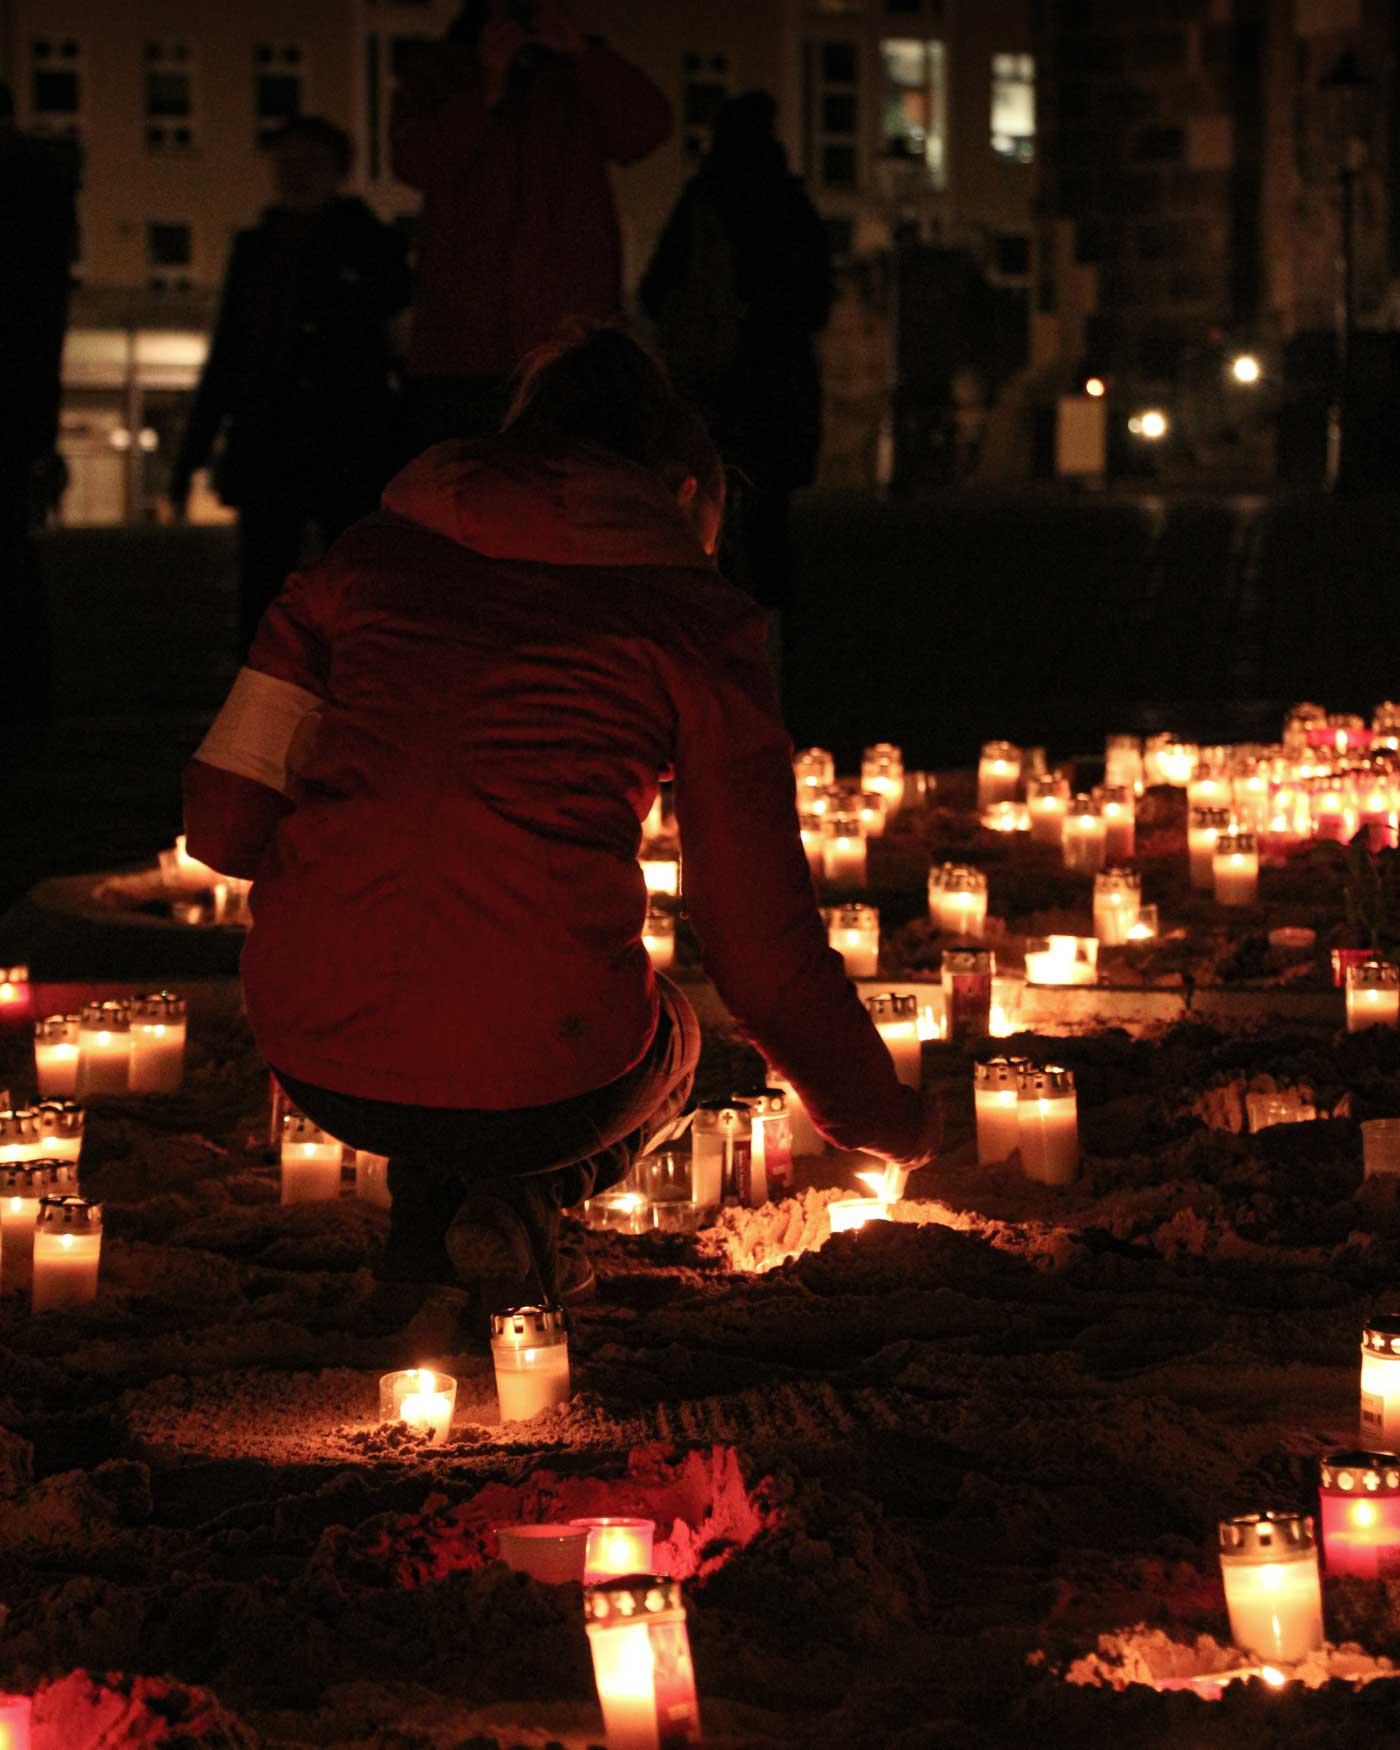 Eine junge Frau zündet eine Kerze vor der Frauenkirche an und erinnert an die Zerstörung Dresdens am 13. Februar 1945.